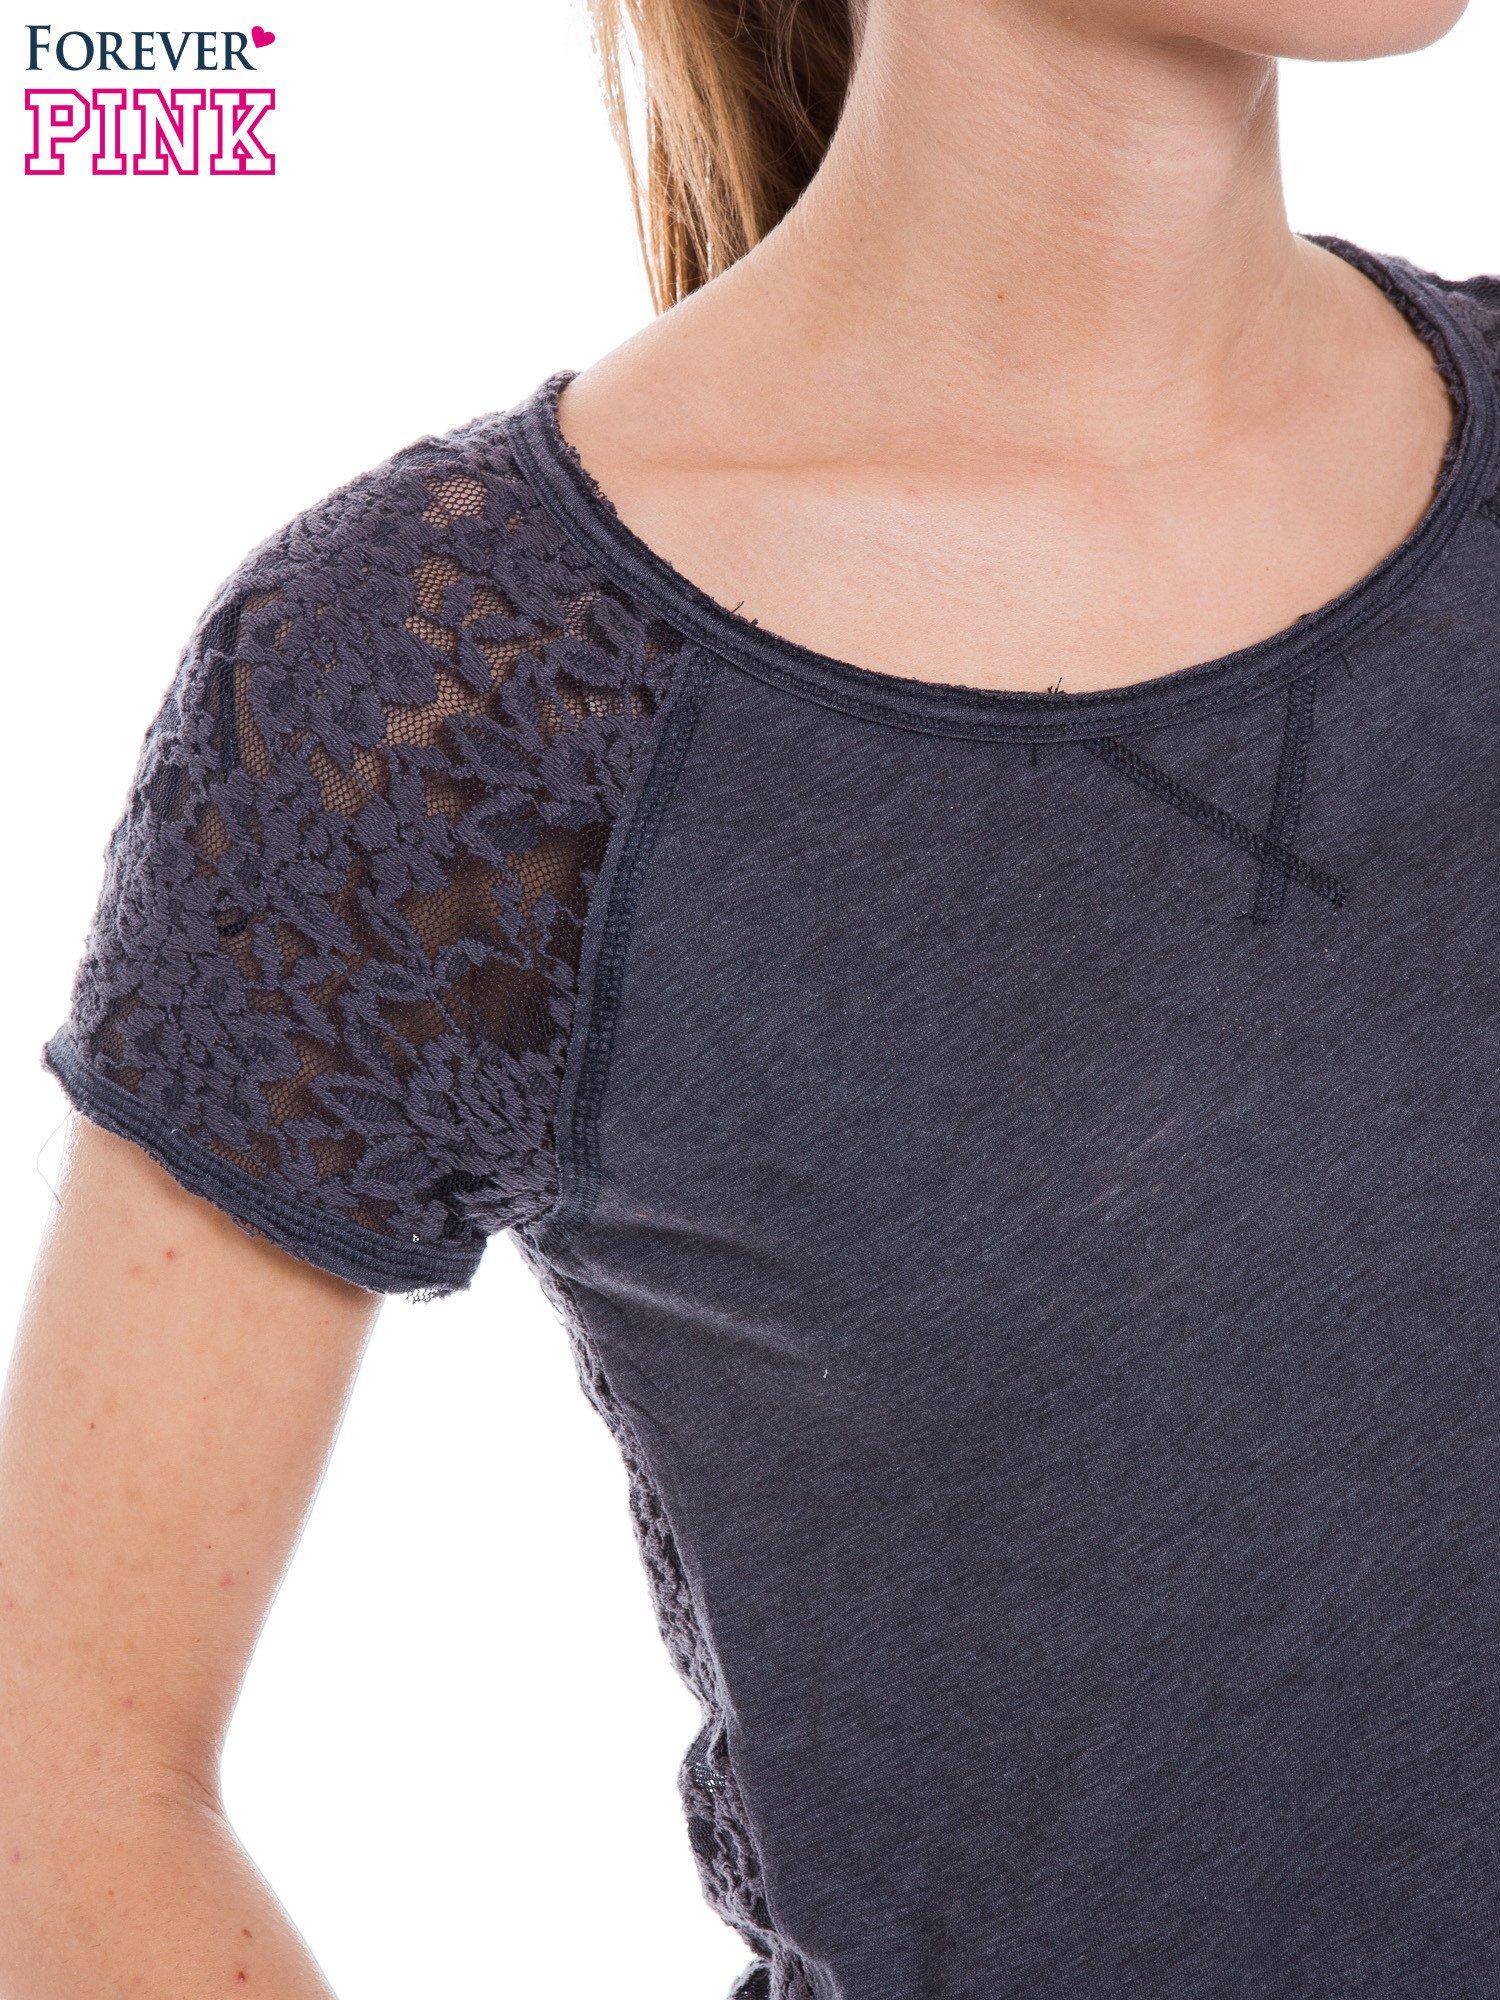 Szary t-shirt z koronkowymi plecami i rękawkami                                  zdj.                                  4